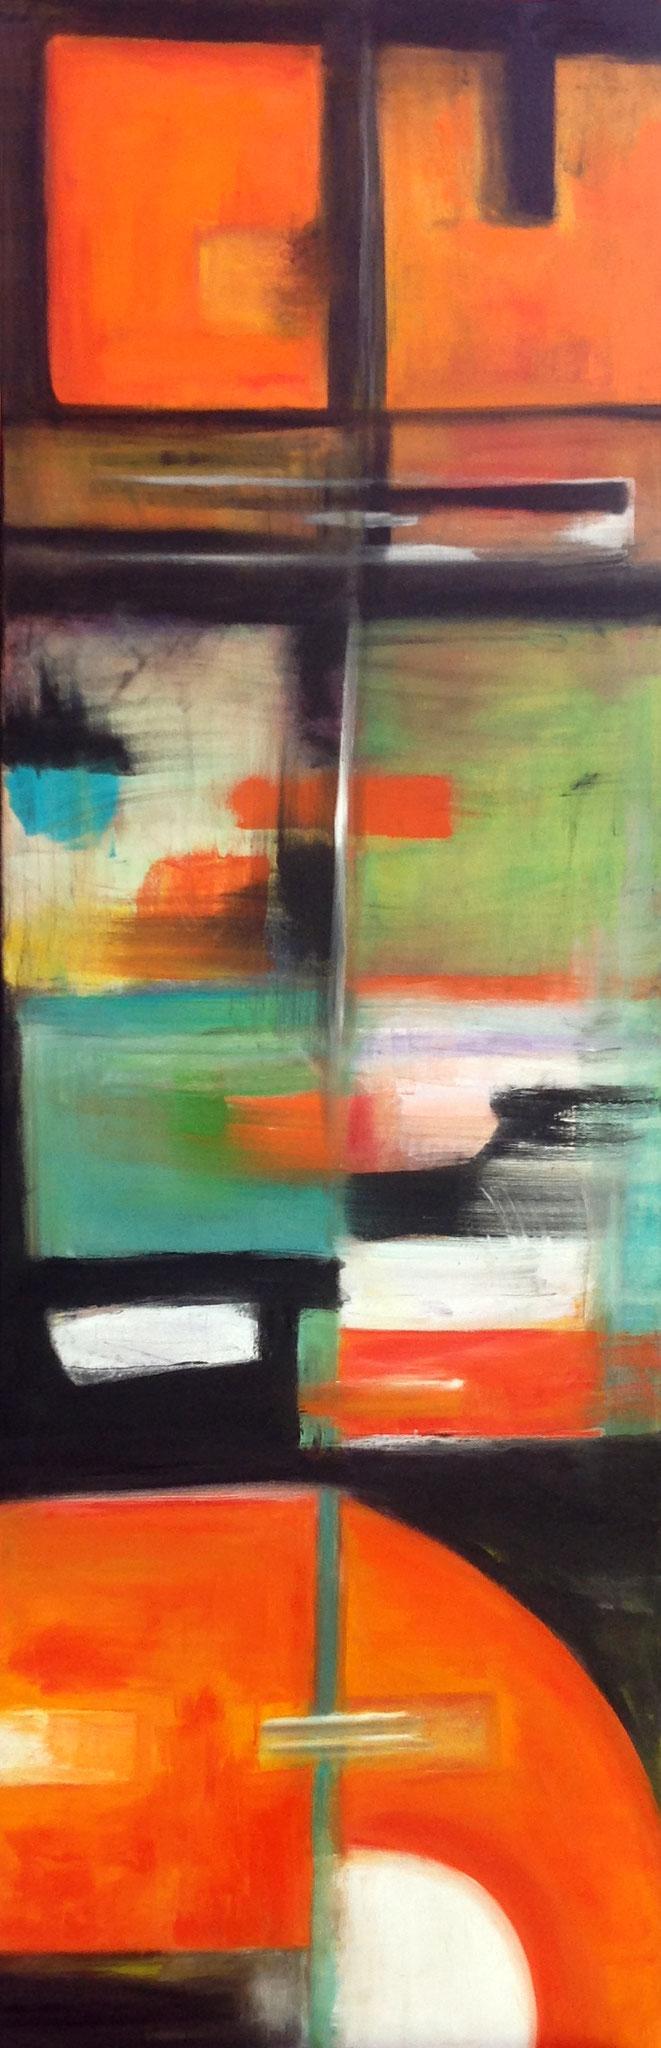 Übergänge (50x150 cm), Öl auf Leinwand